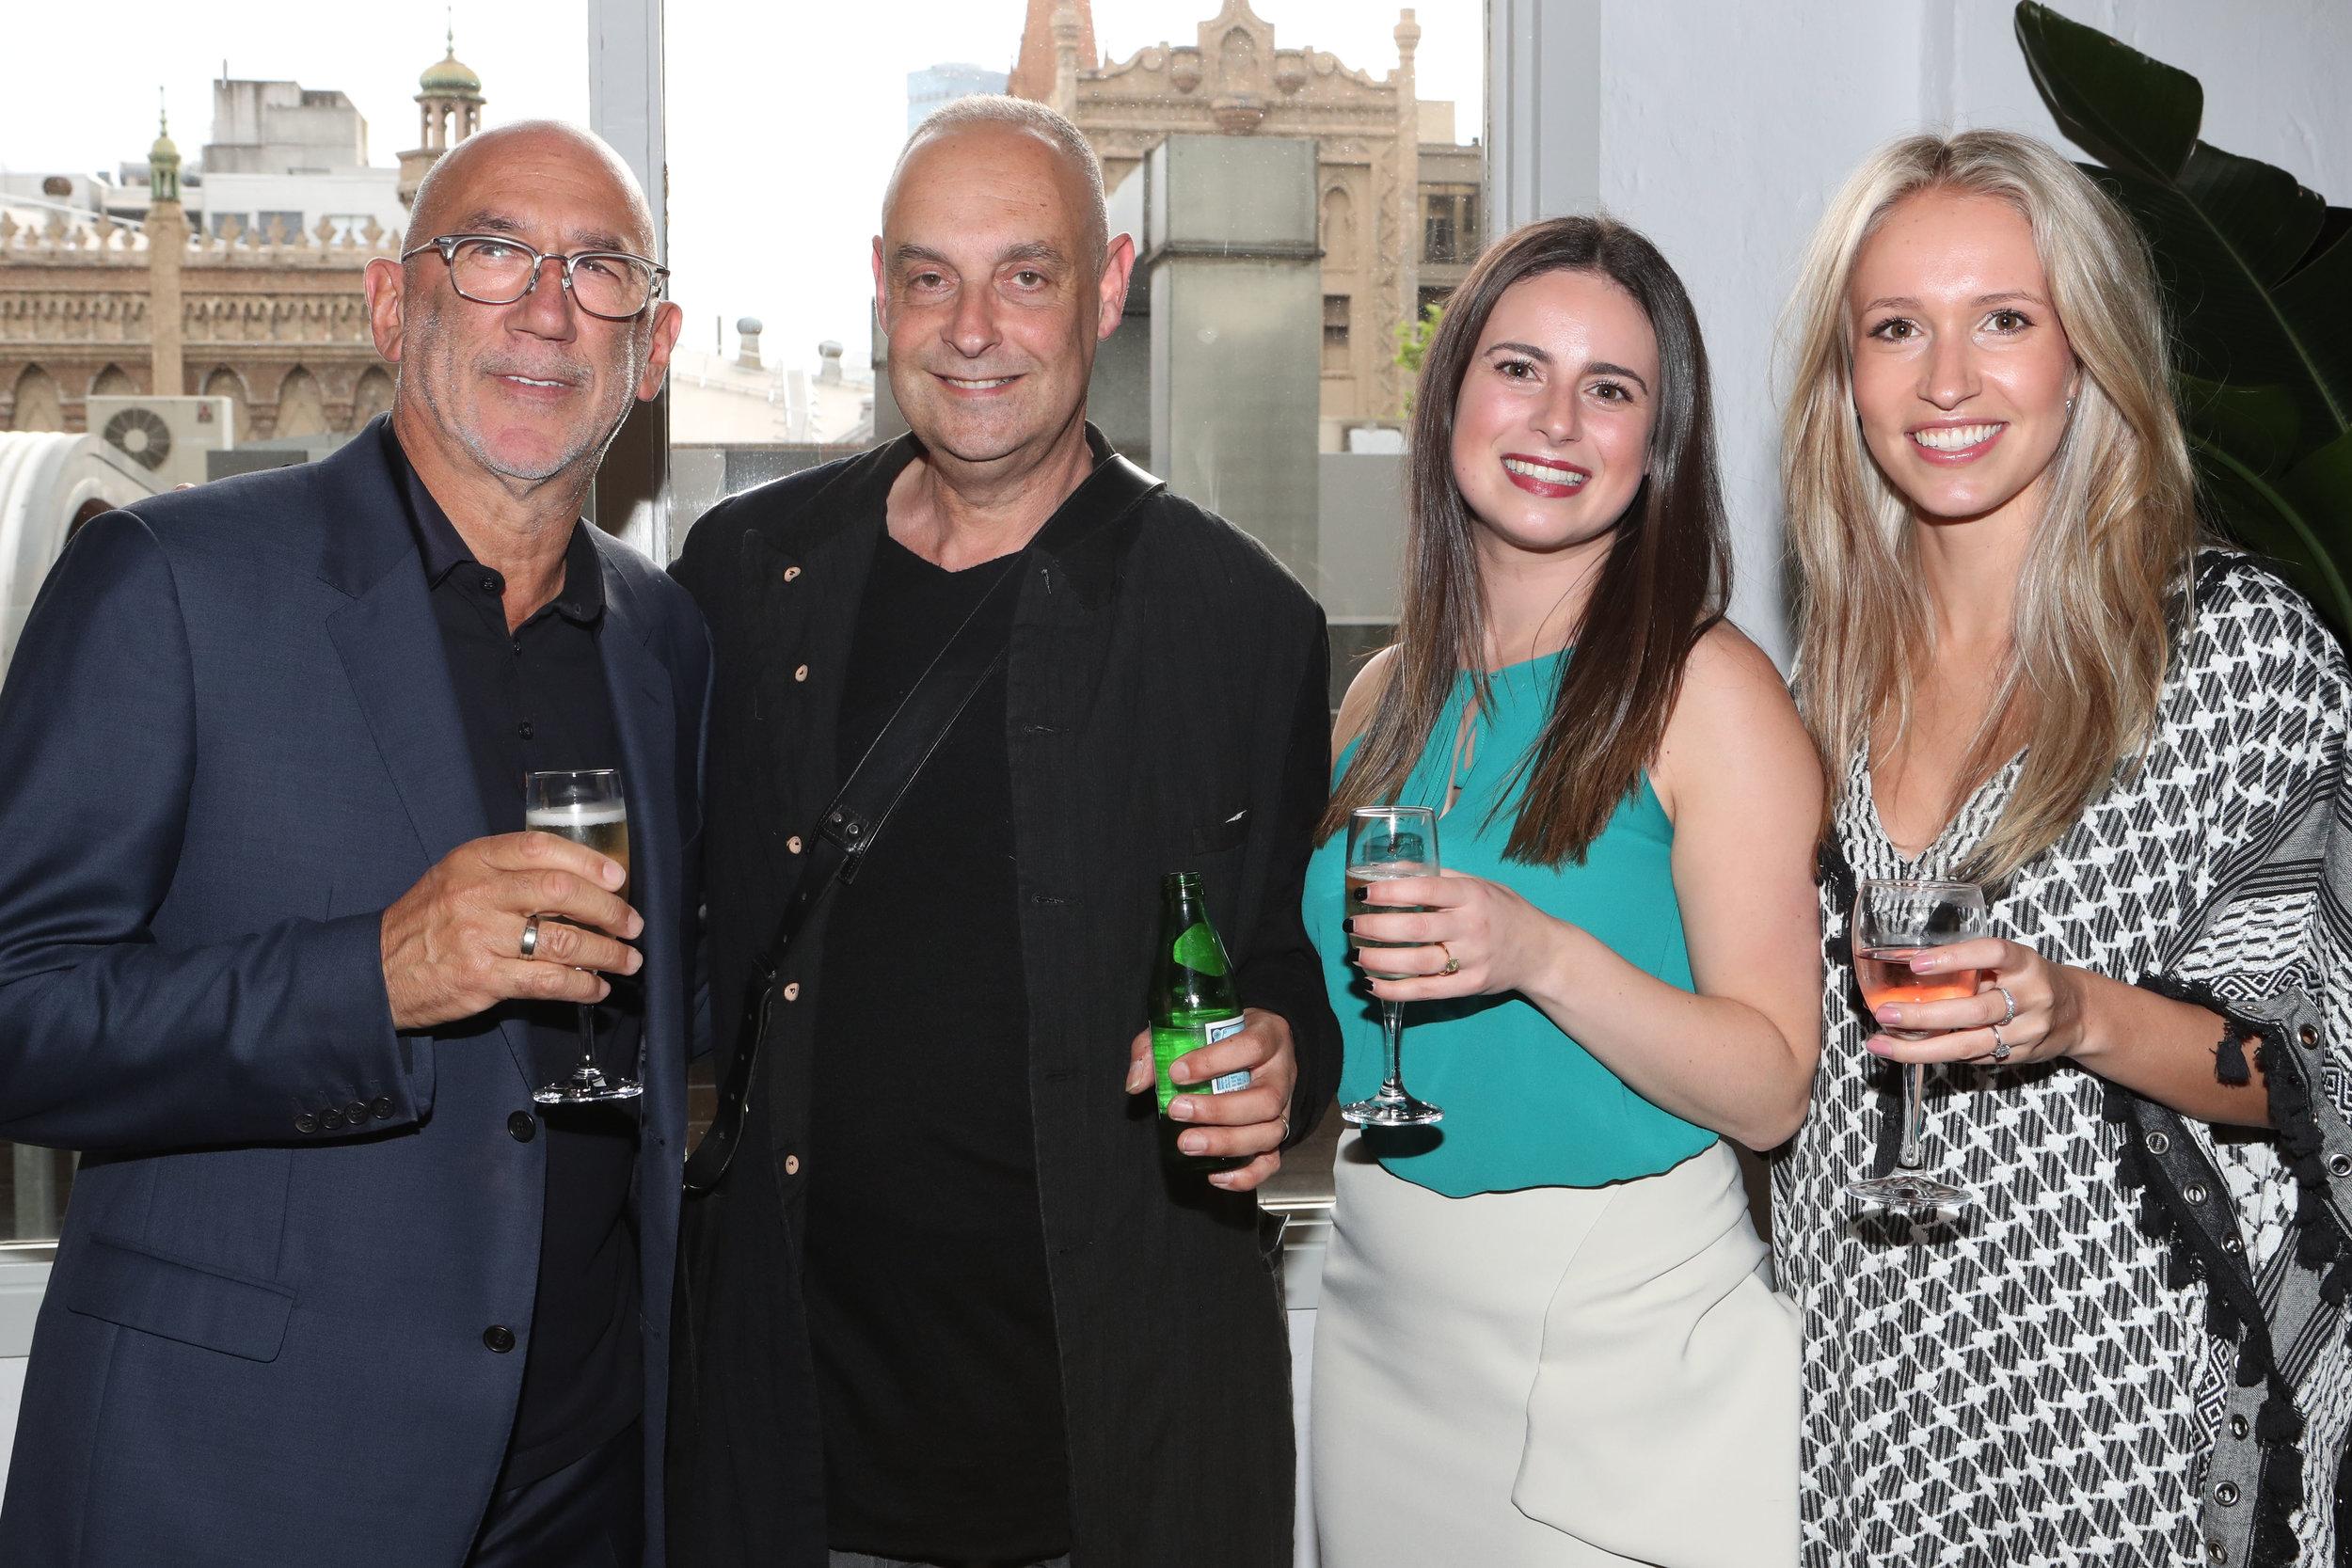 Michael Bialek, Stephen Crafti, Stephanie Siladi and Kristen Sutton (4).jpg